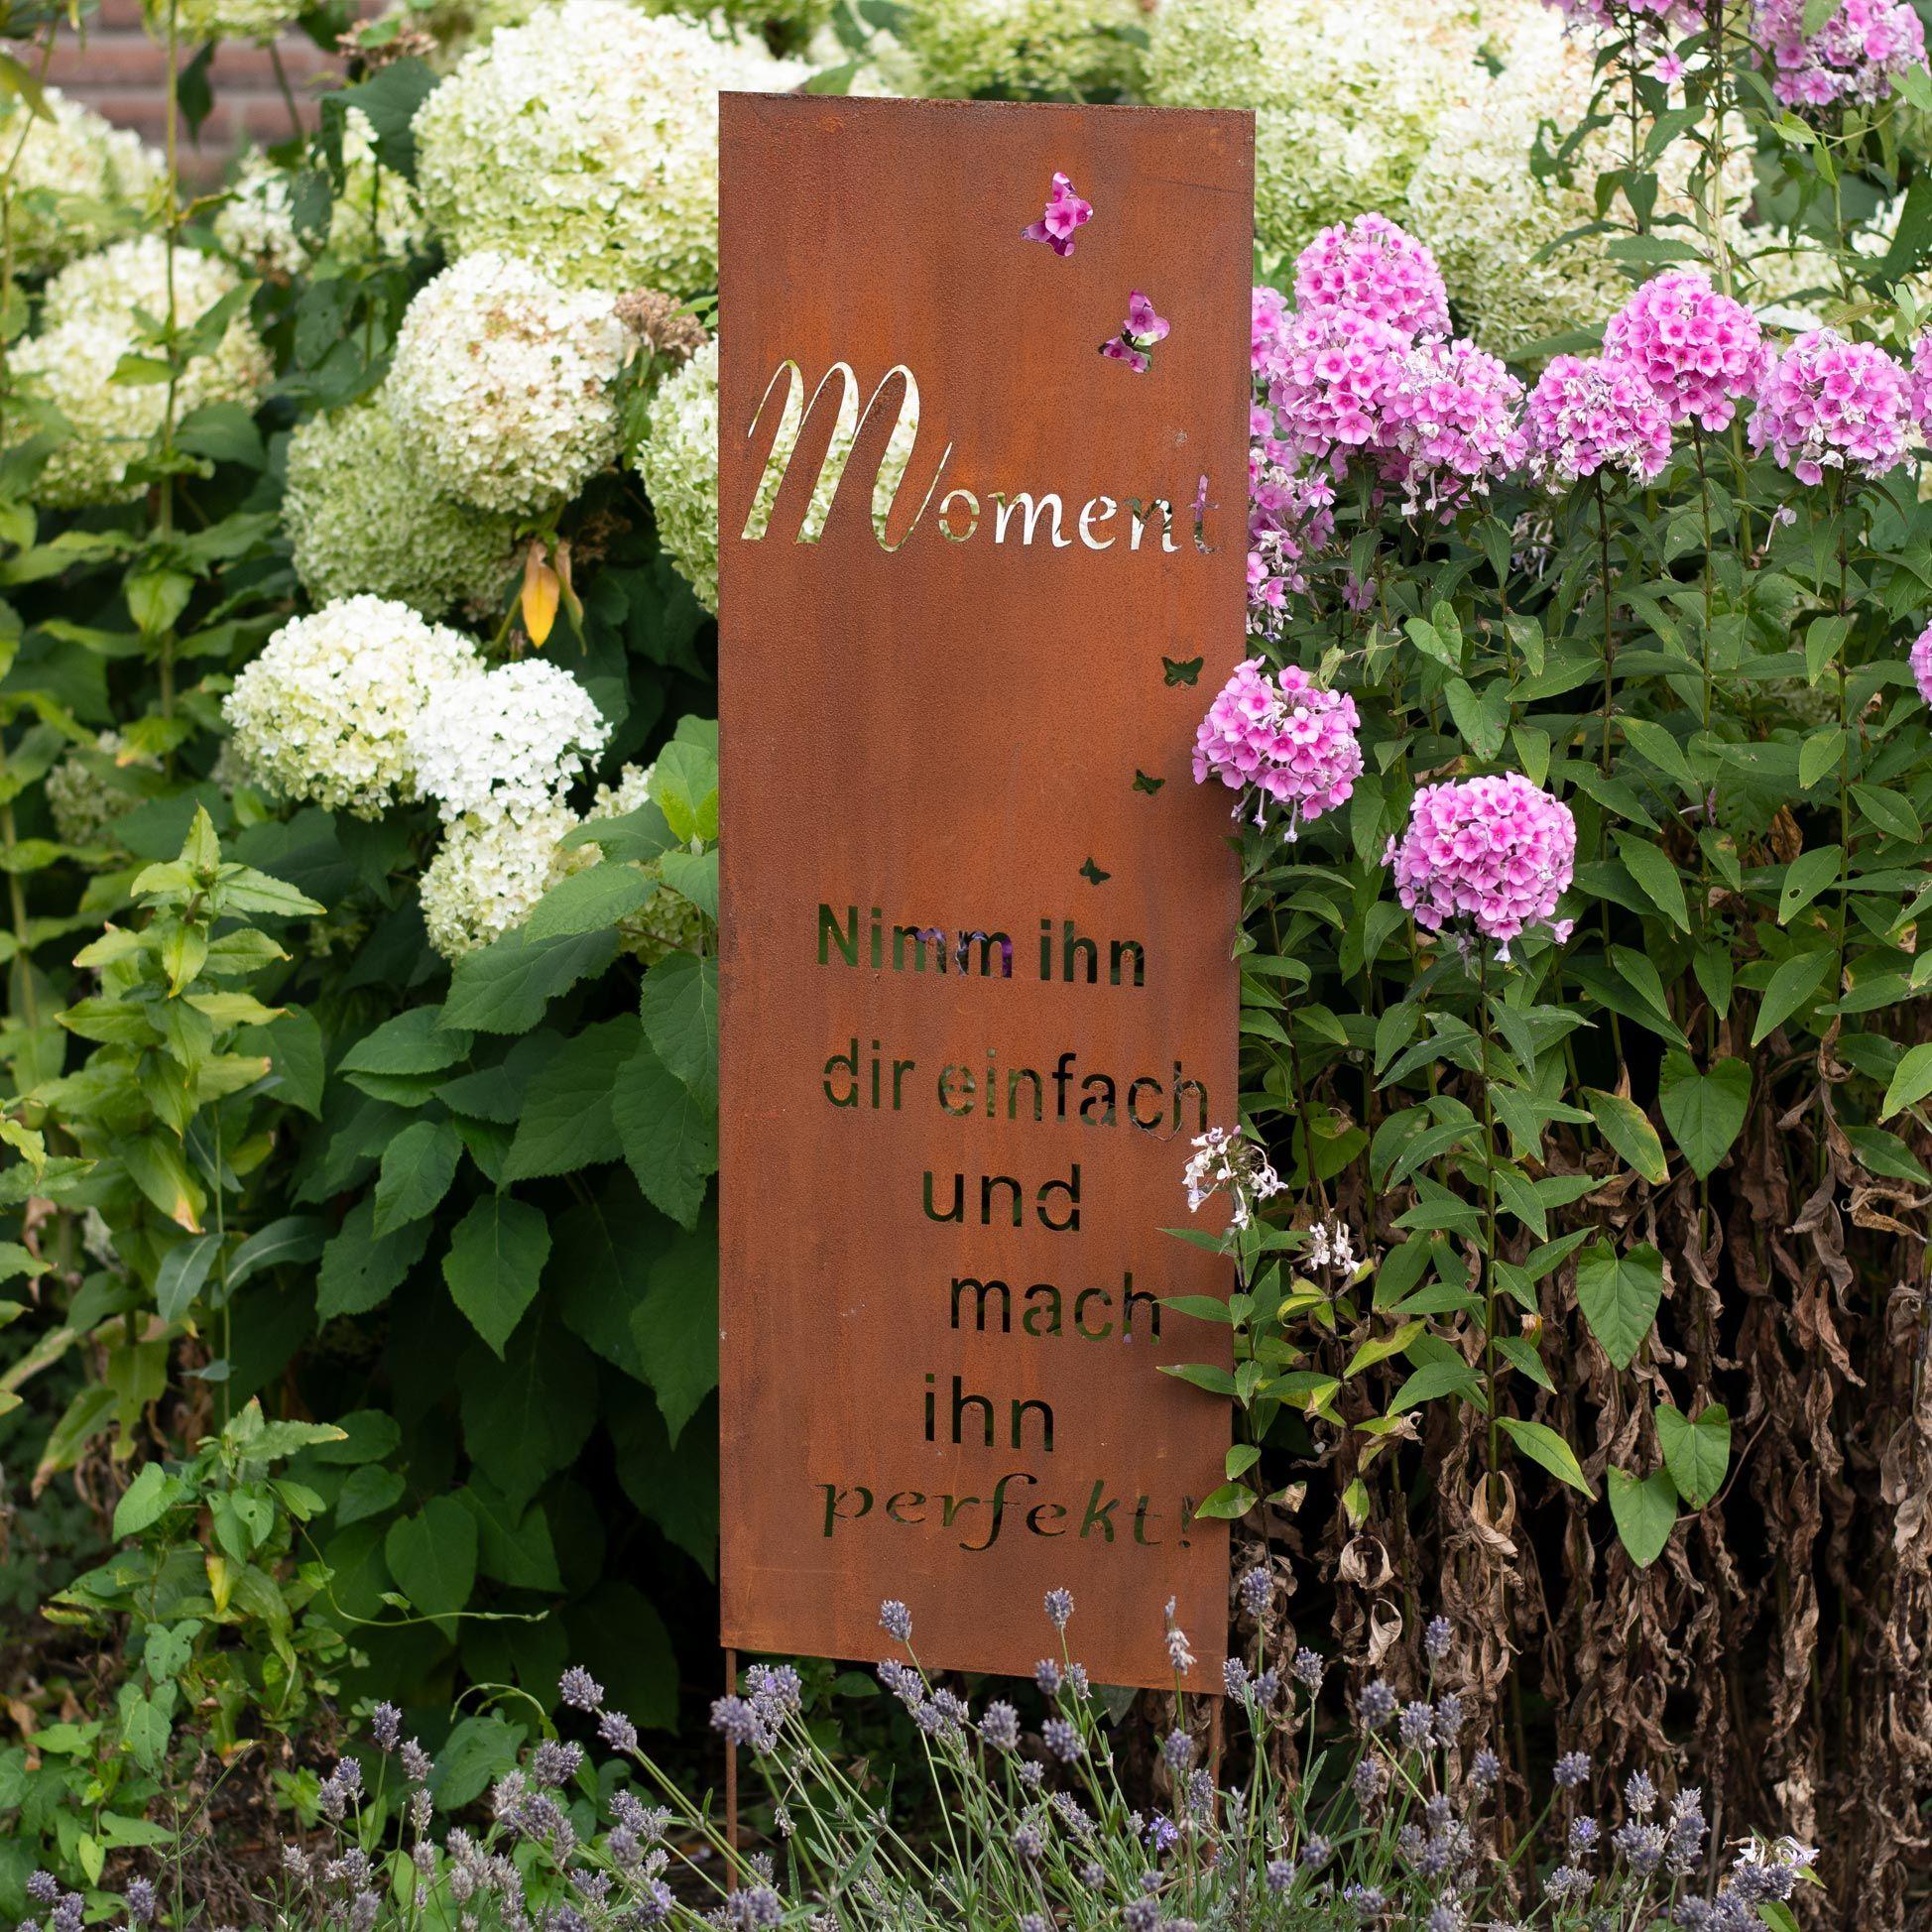 Gartendekoration Roststecker Metallschild Mit Spruch Moment Rostoptik Edelrost Blumenbeet Gartendekoration Dekoration Blumenbeet